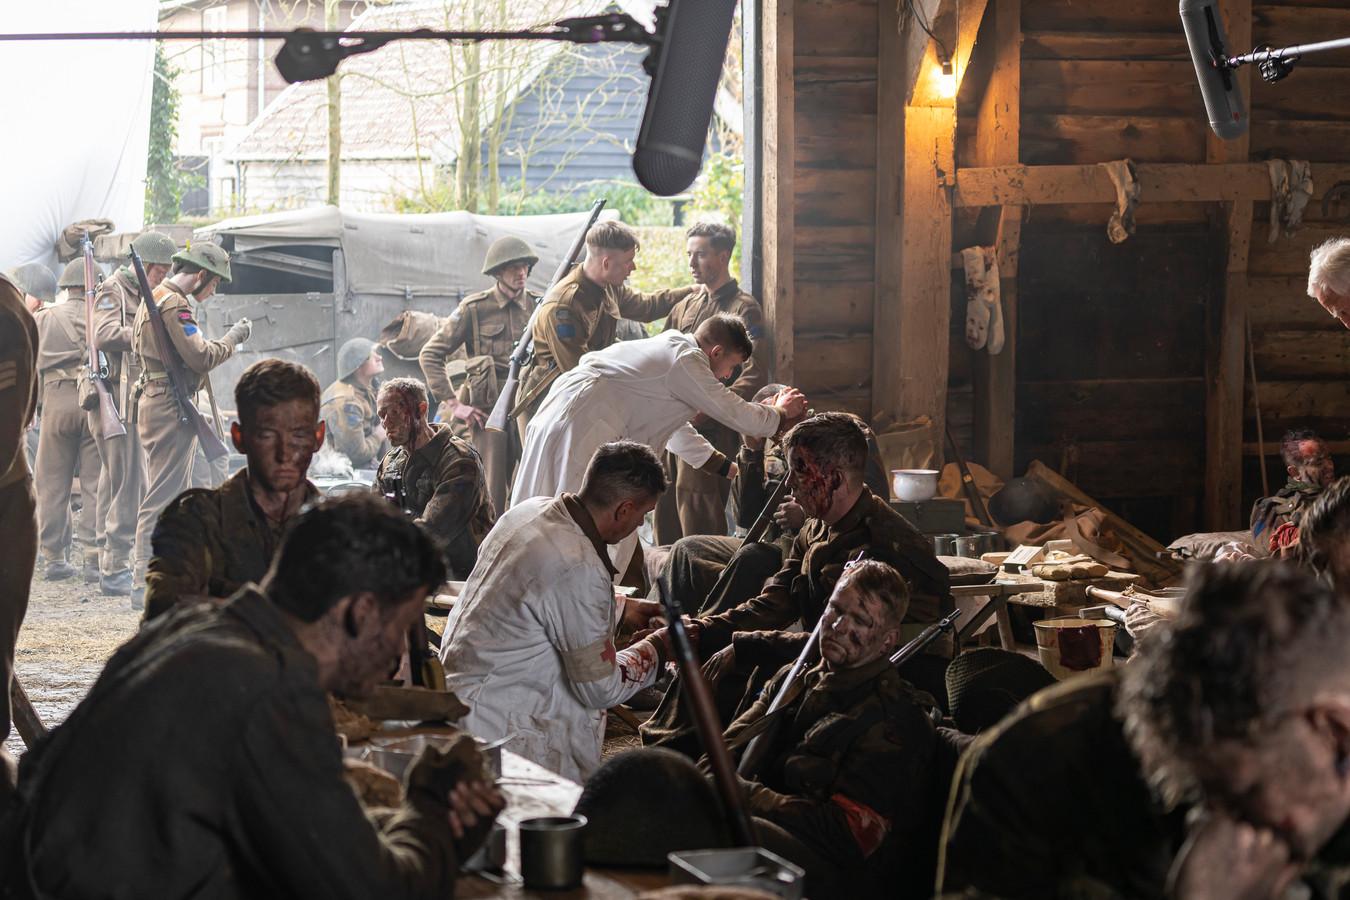 Opnames van een scène uit de Slag om de Schelde in Brouwershaven.